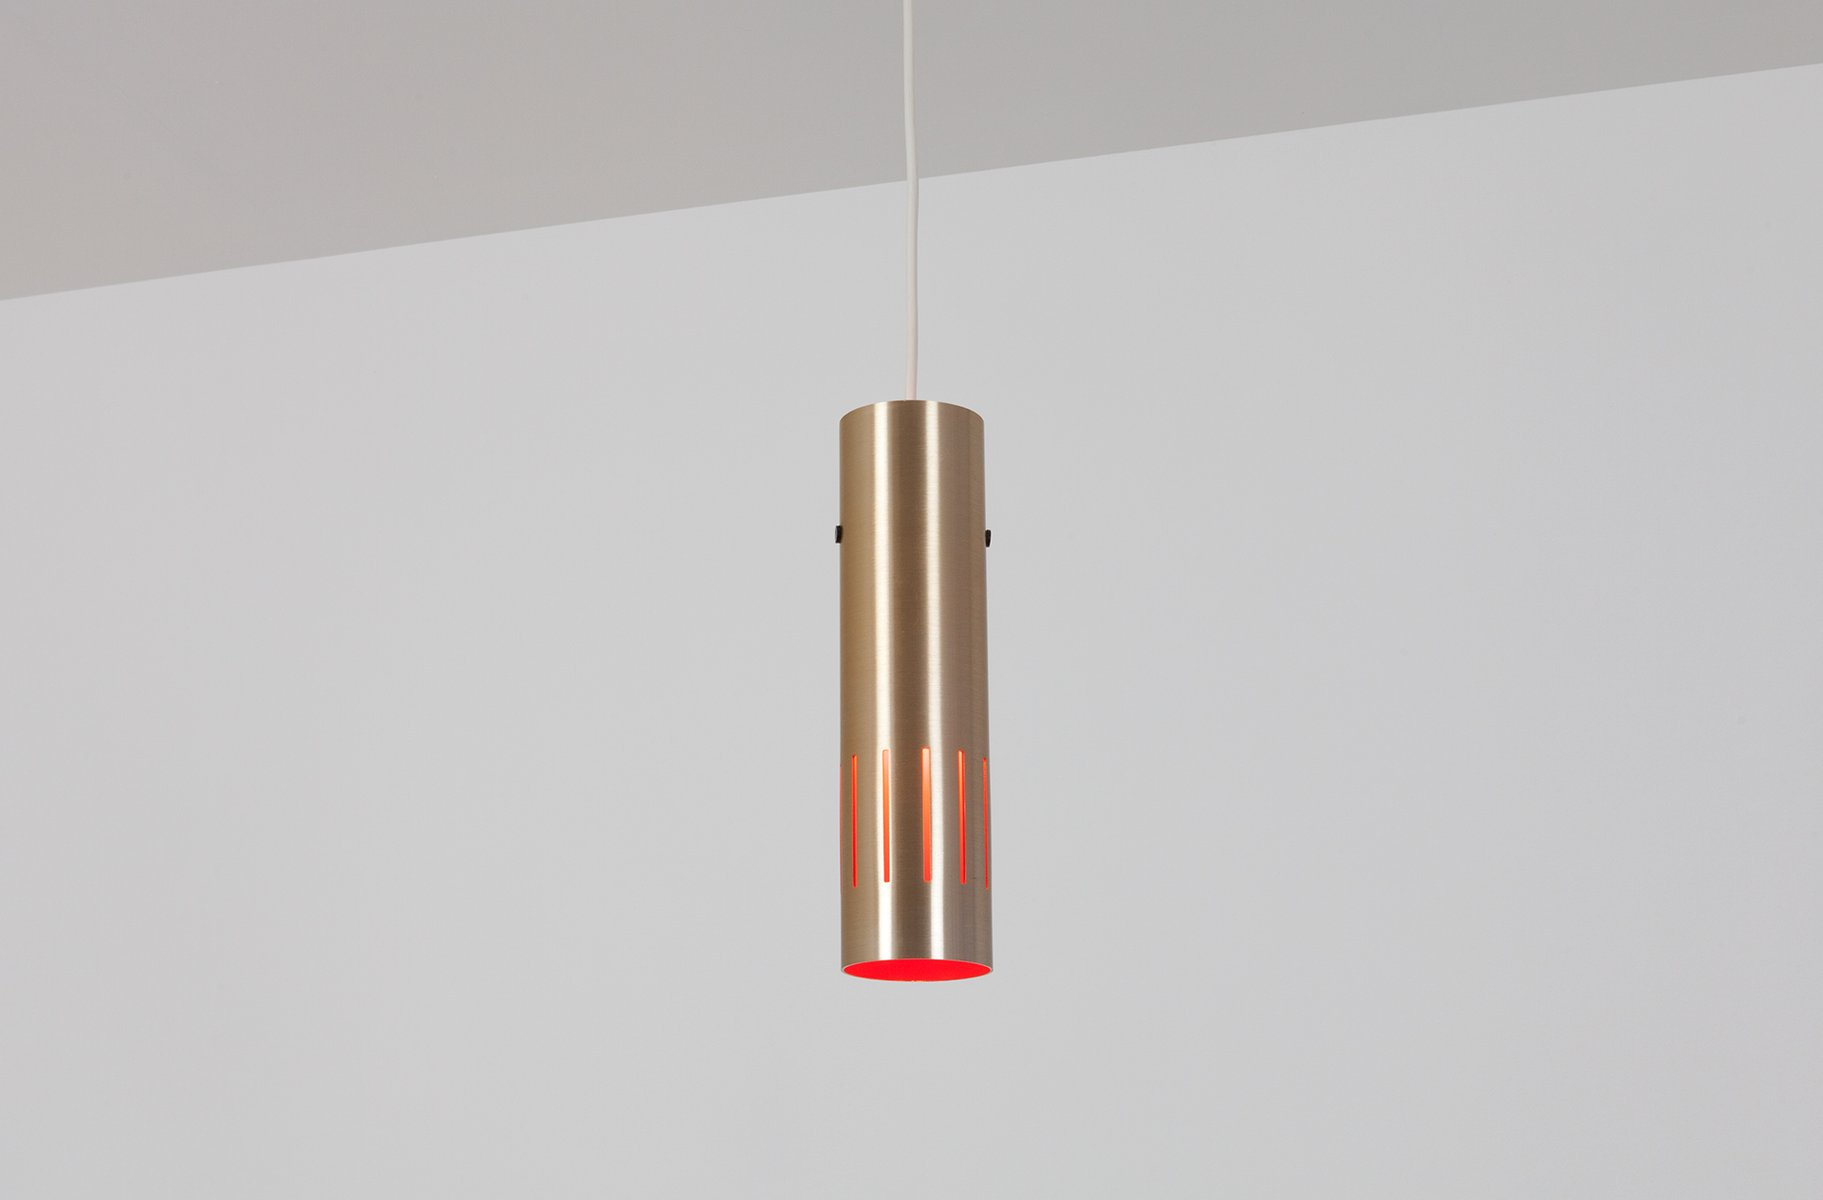 Dänische Lampe in Posaune Optik, 1960er